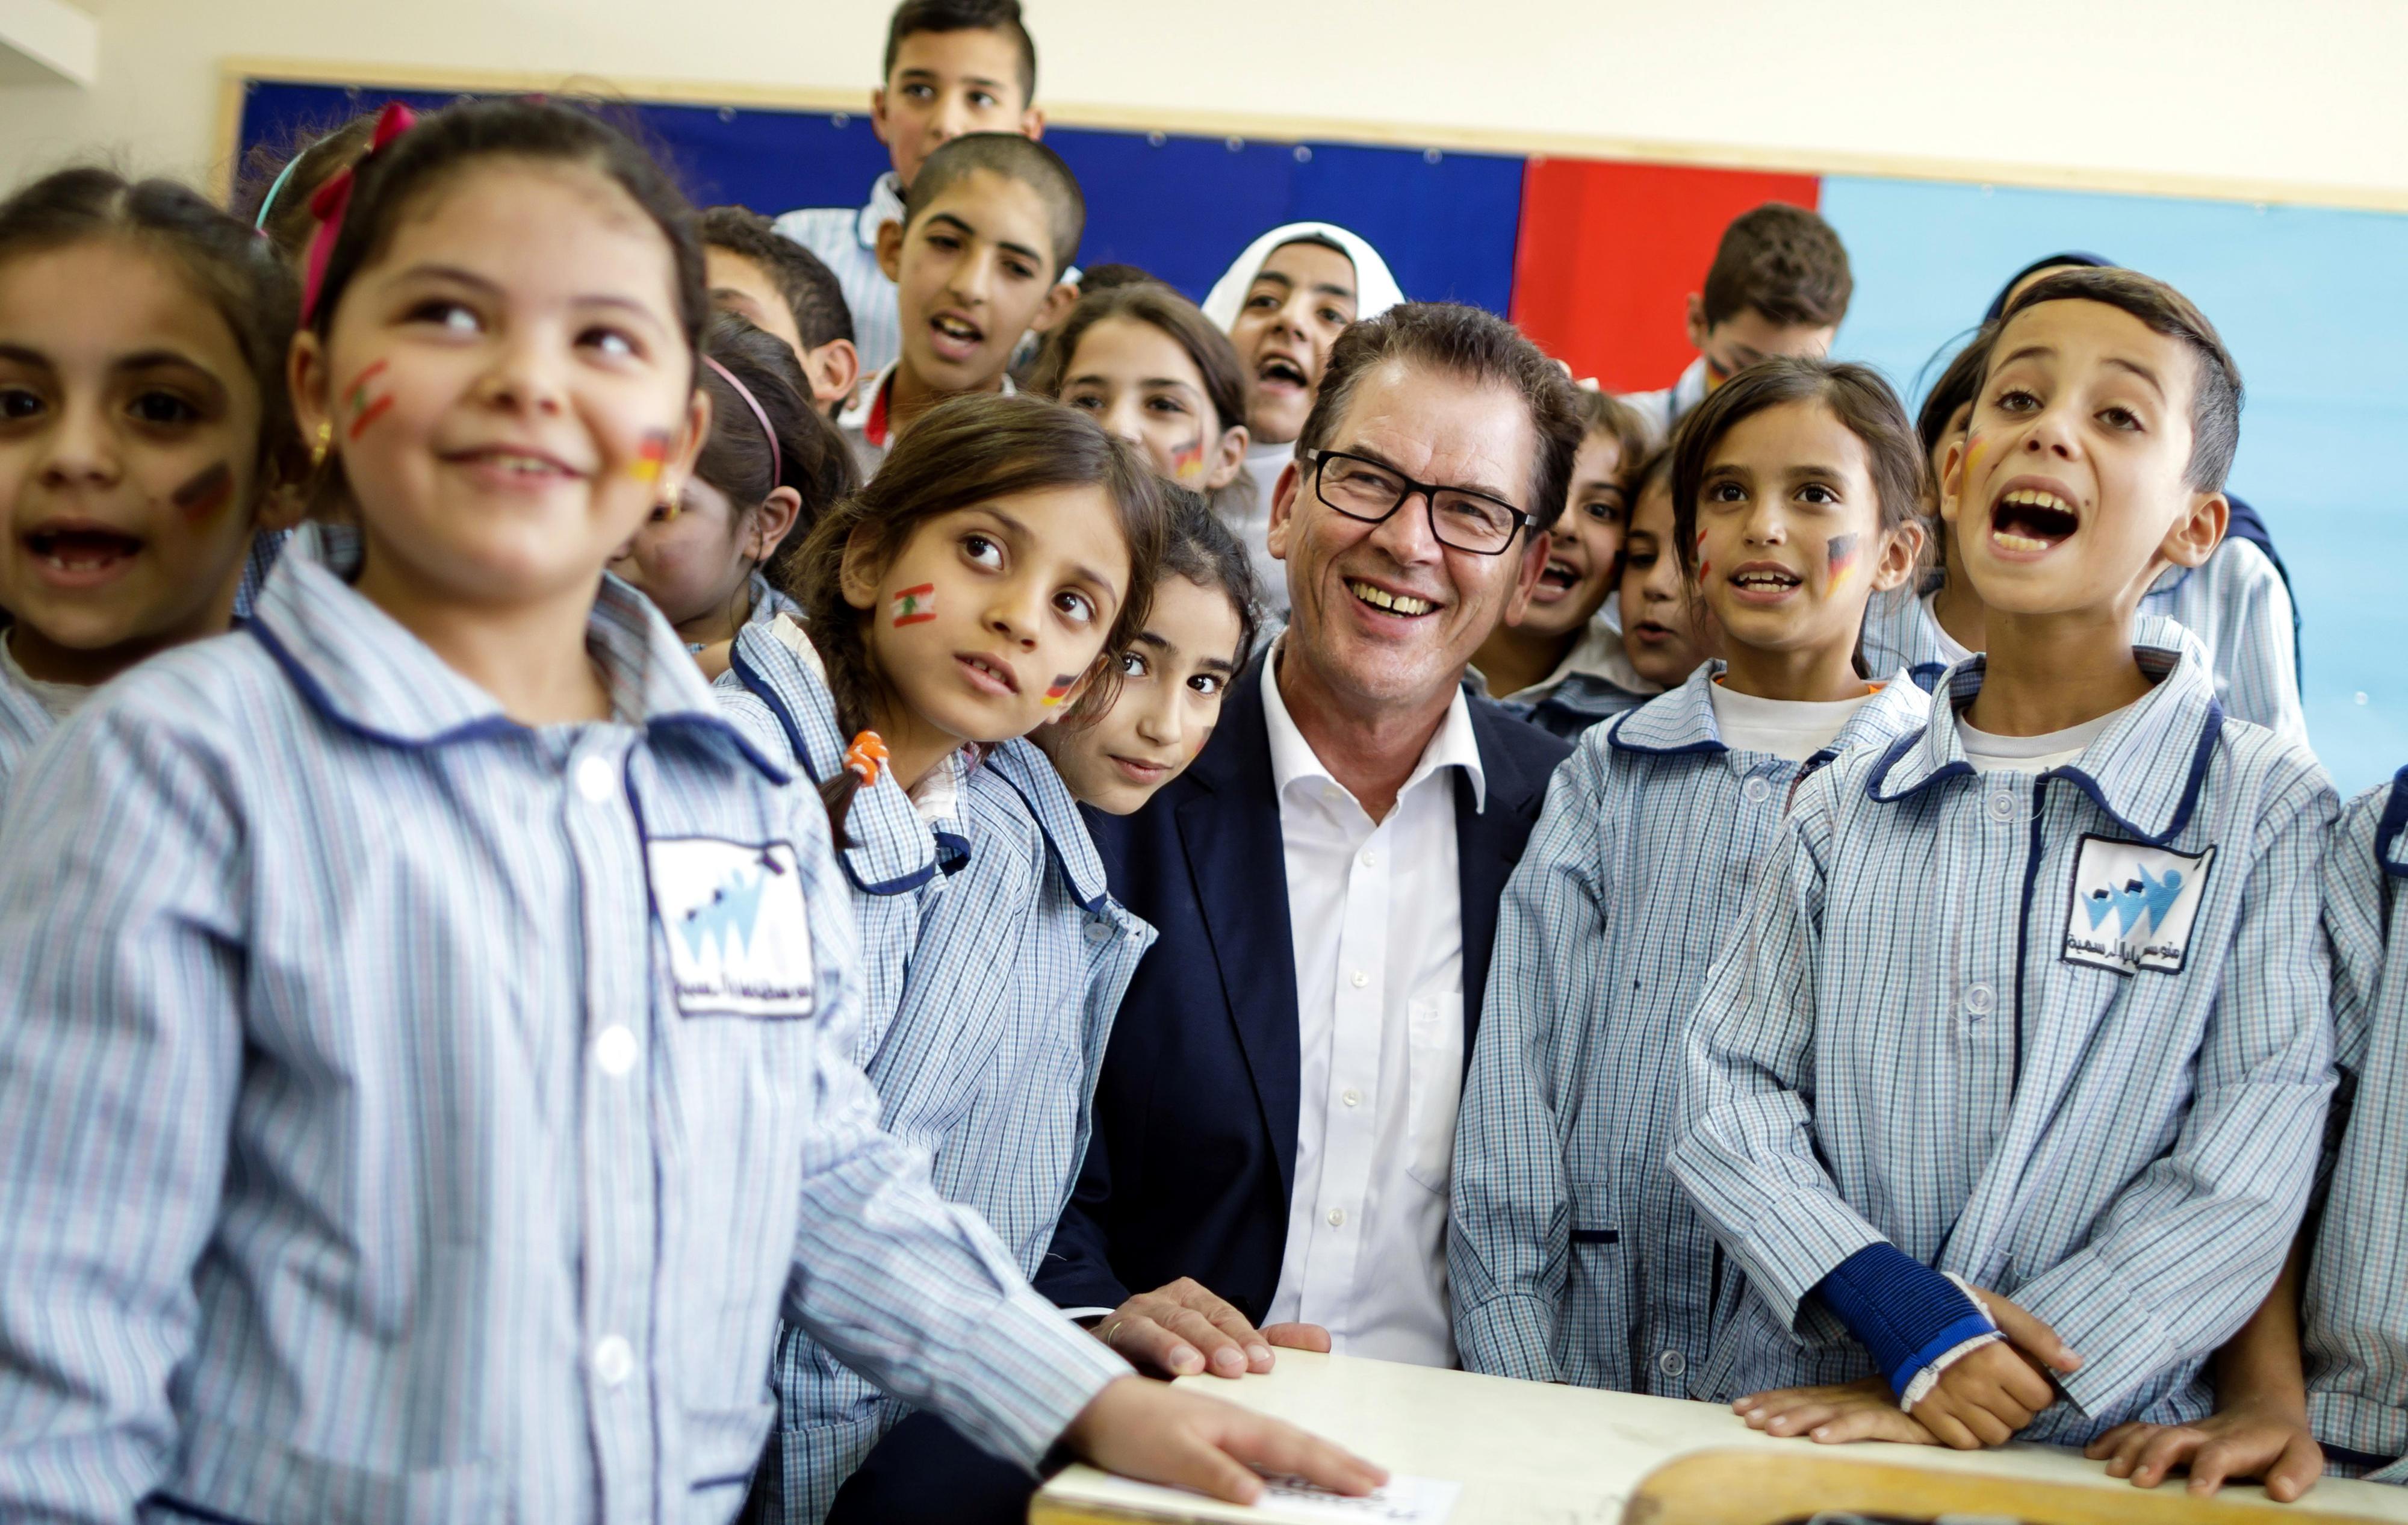 Bundesentwicklungsminister Gerd Müller in einer Schule im Libanon, die mit deutschen Mitteln instandgesetzt wurde.